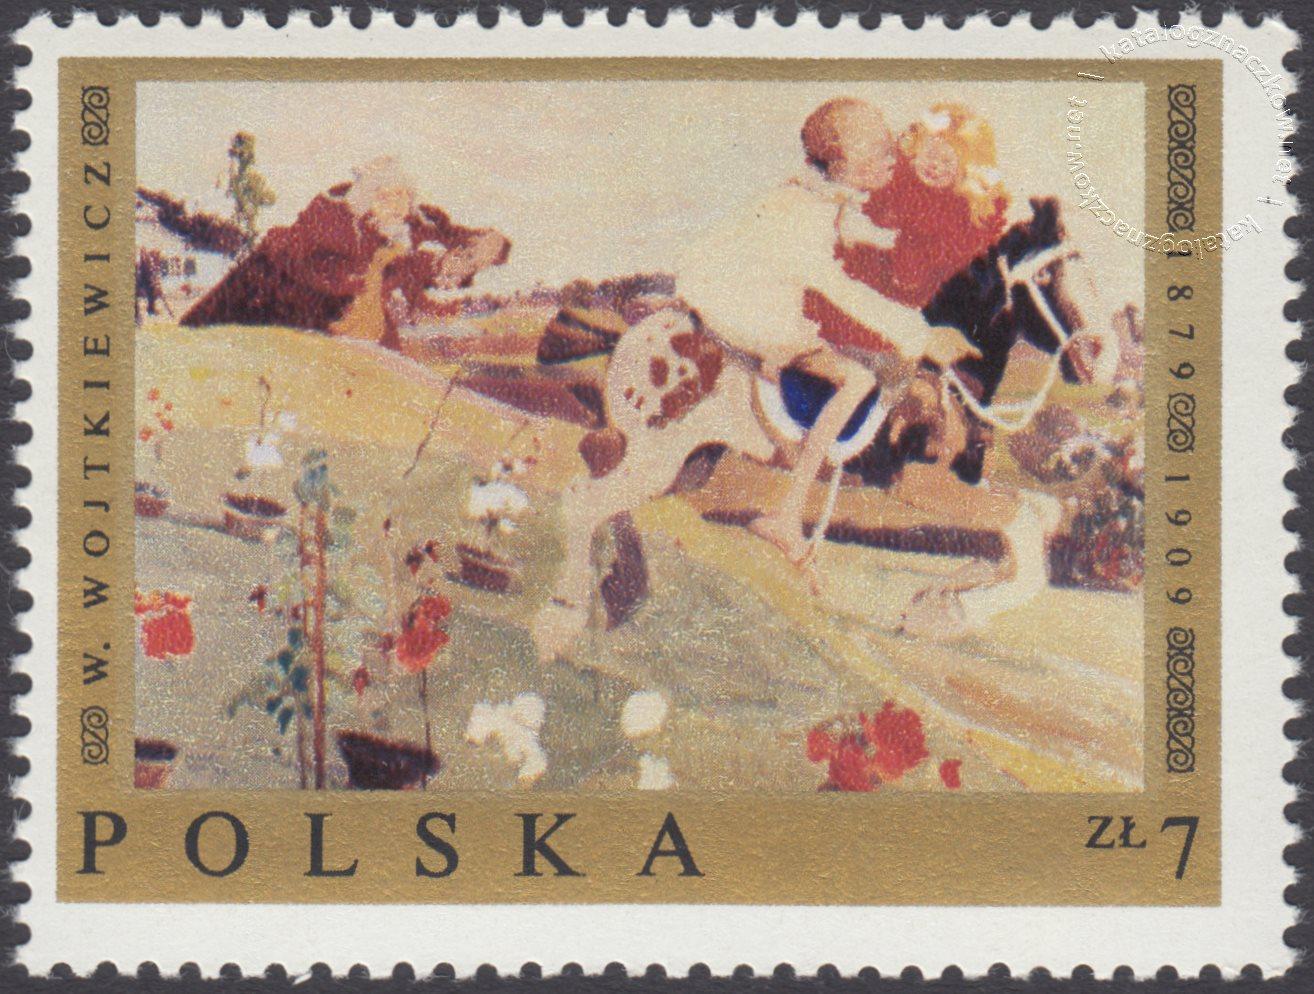 Malarstwo polskie znaczek nr 1801